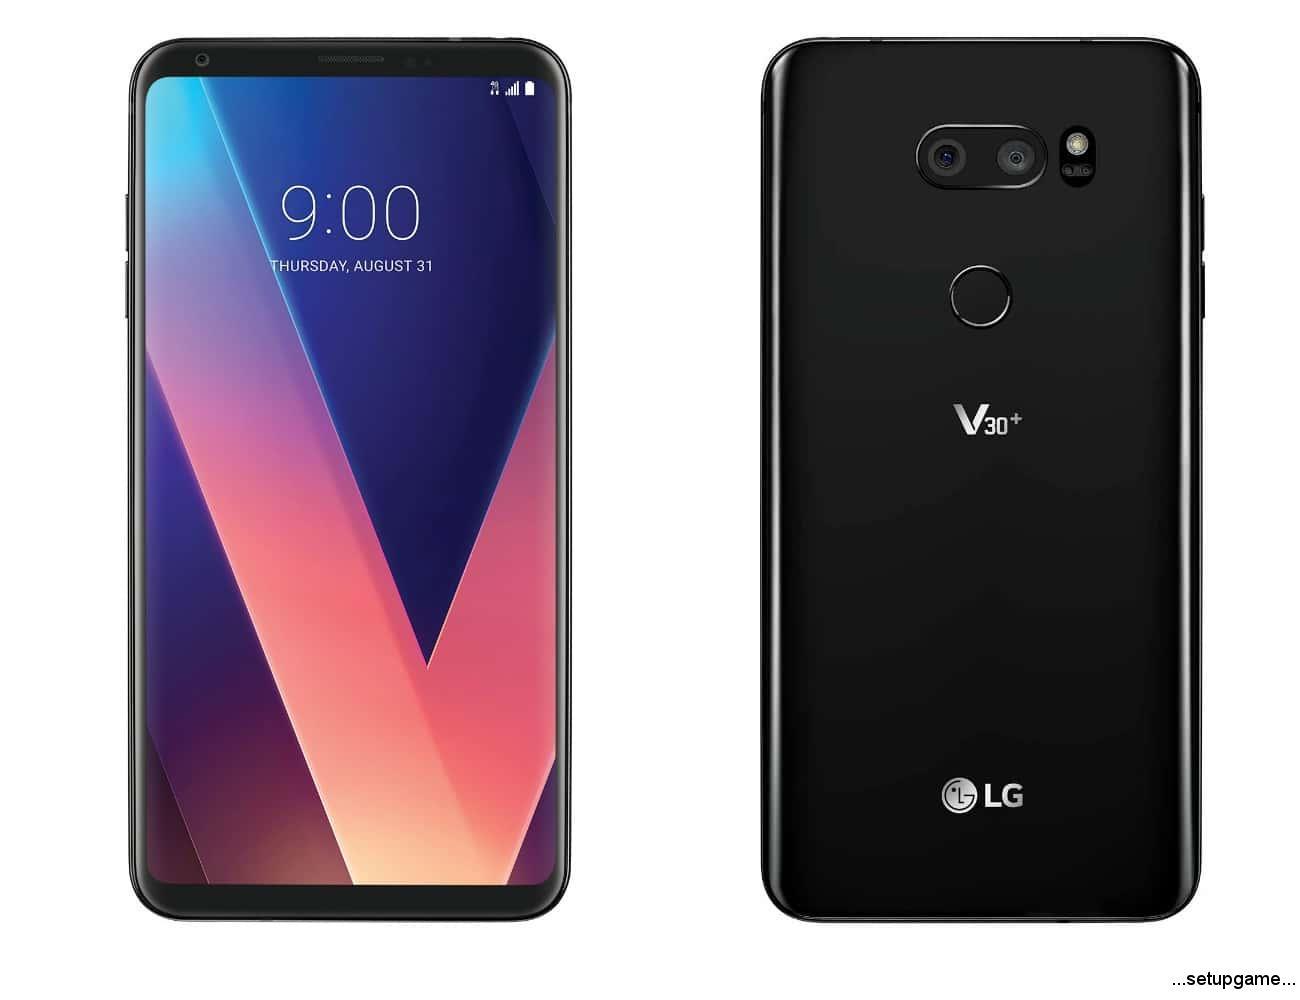 گران ترین گوشی ال جی (+V30) وارد بازارایران شد.